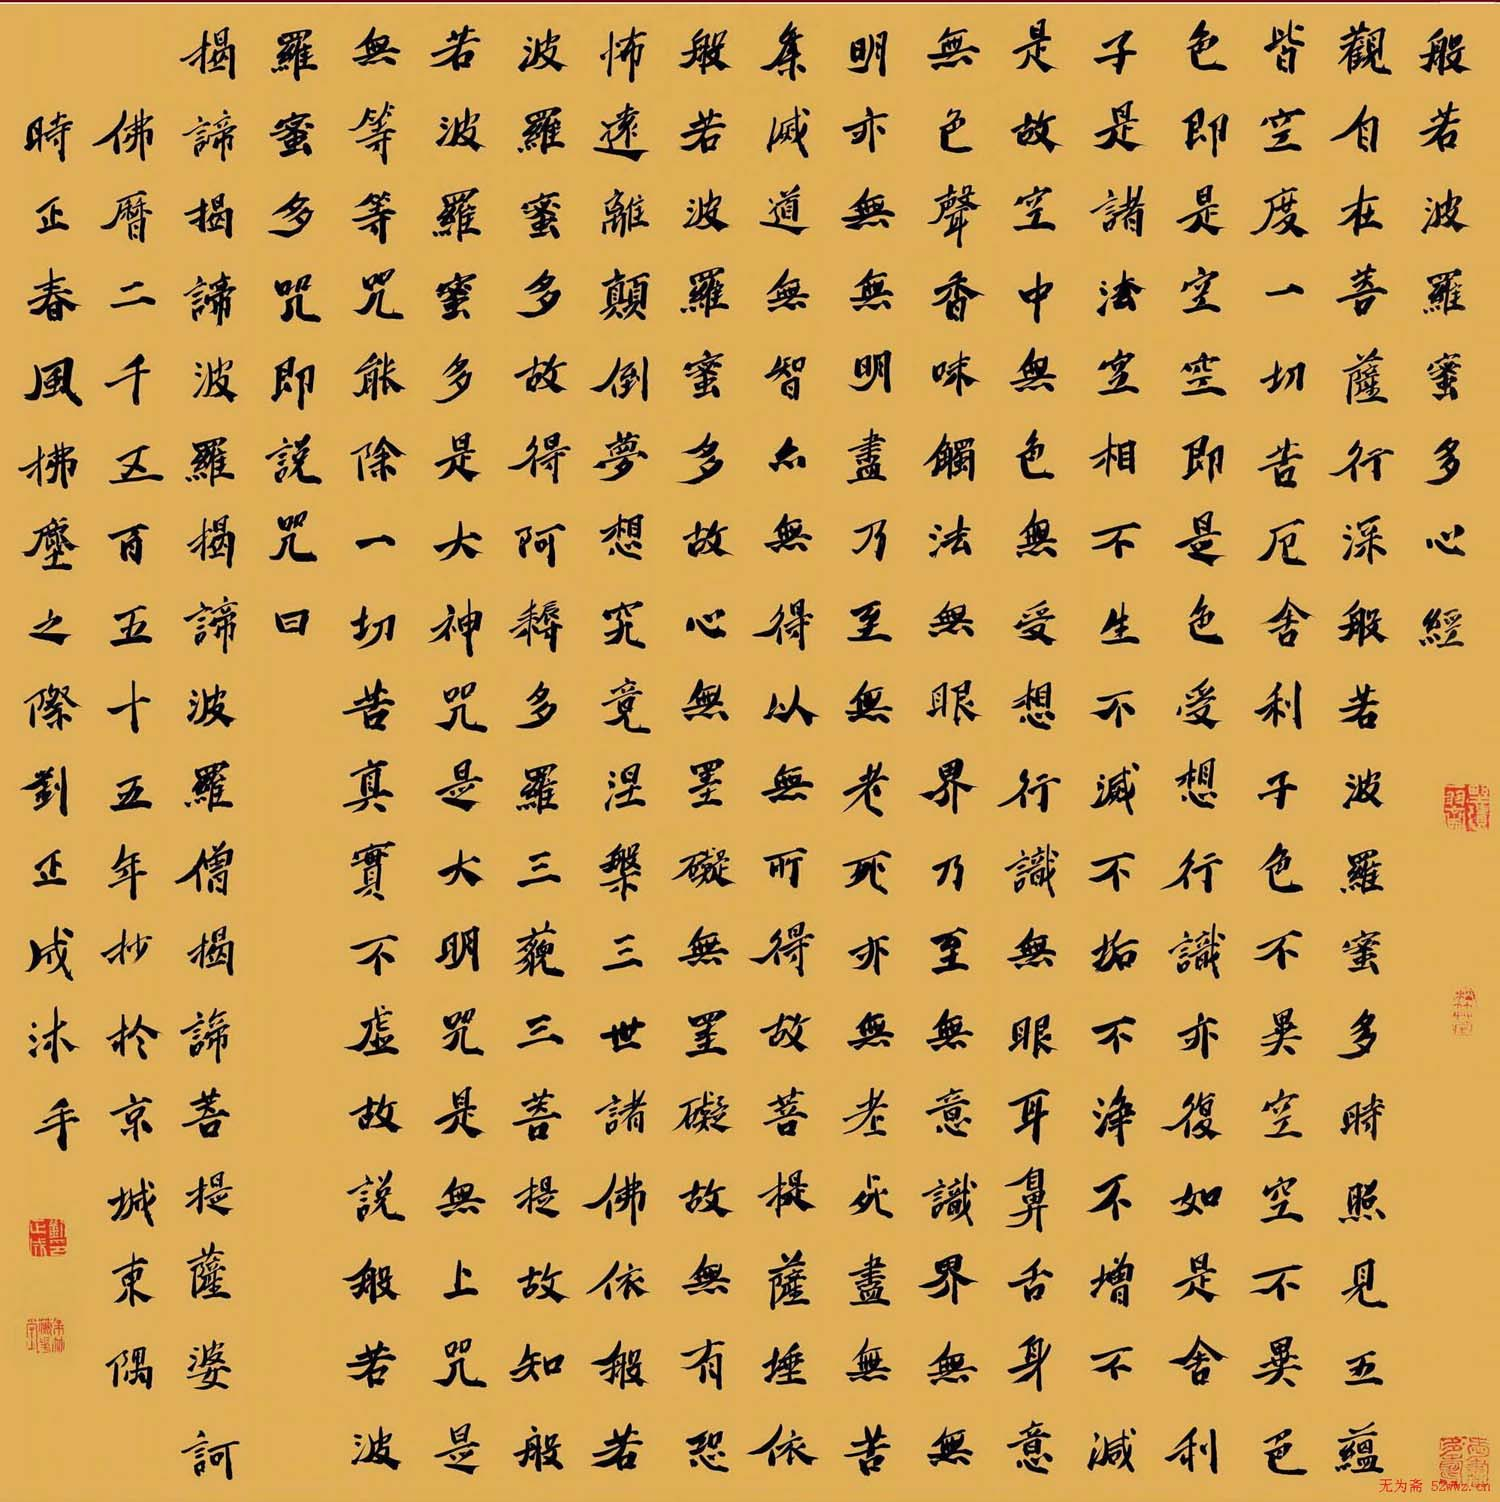 刘正成书法作品《楷书心经》欣赏